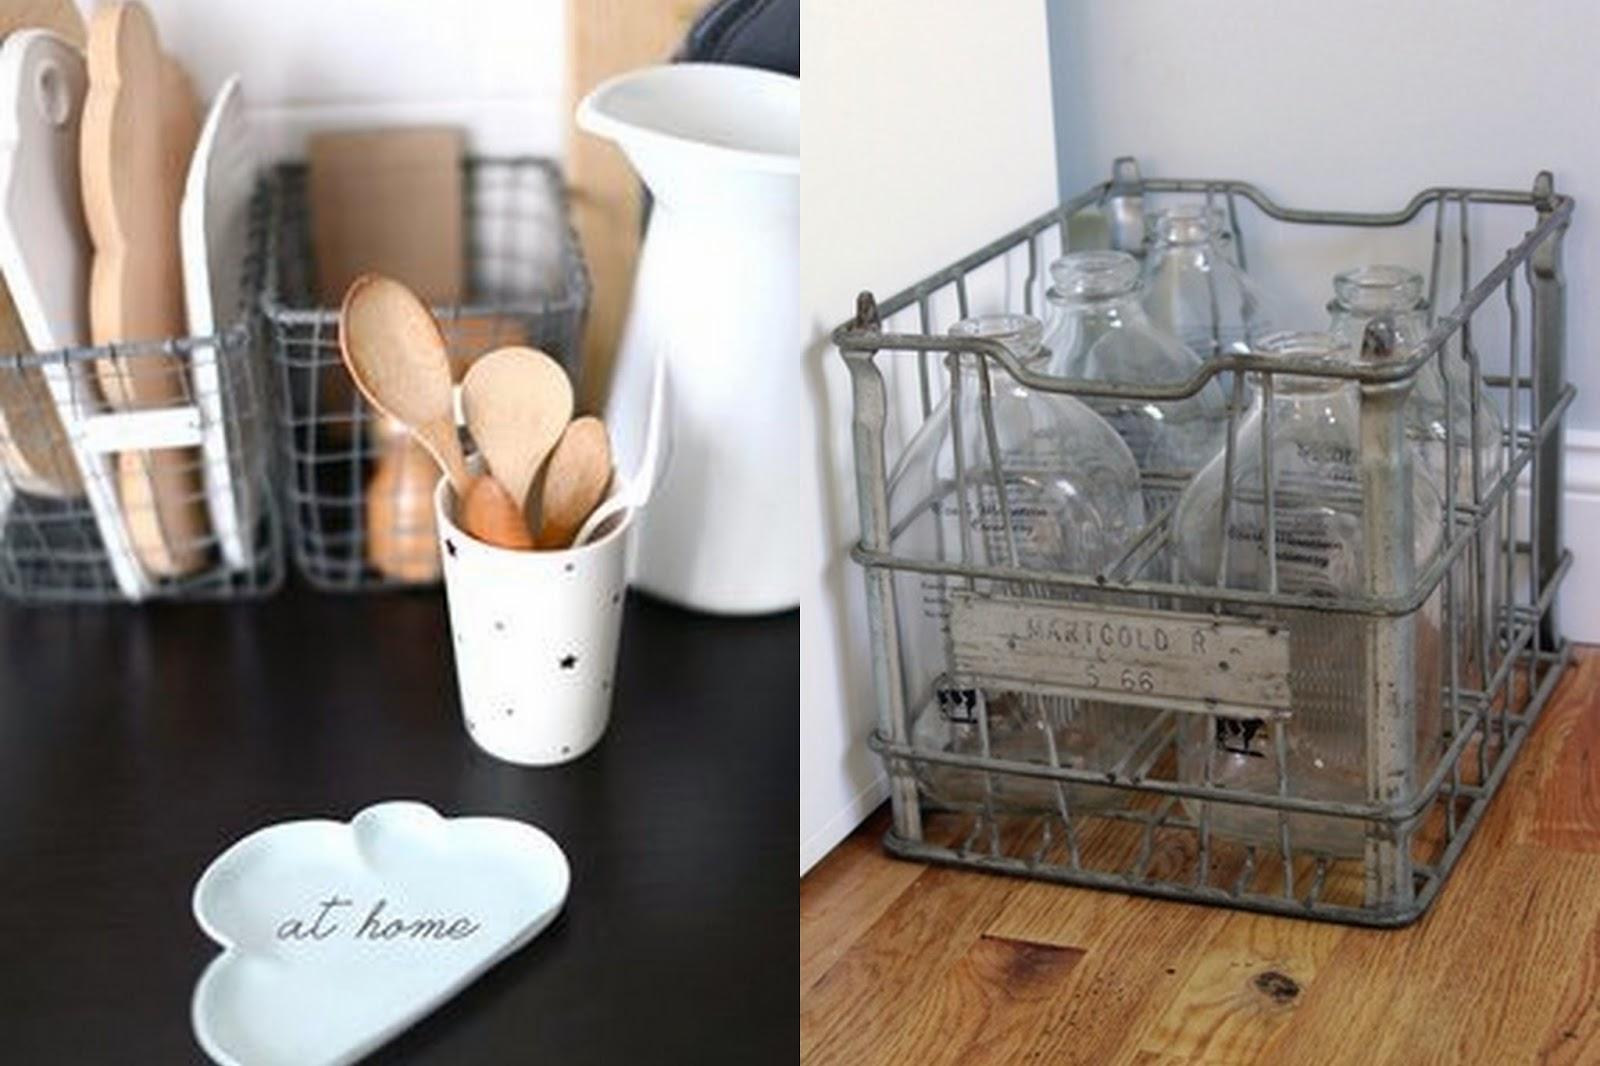 moje domowe inspiracje Inspiracje z metalowymi koszami cz 1  kuchnia -> Inspiracje Domowe Kuchnia